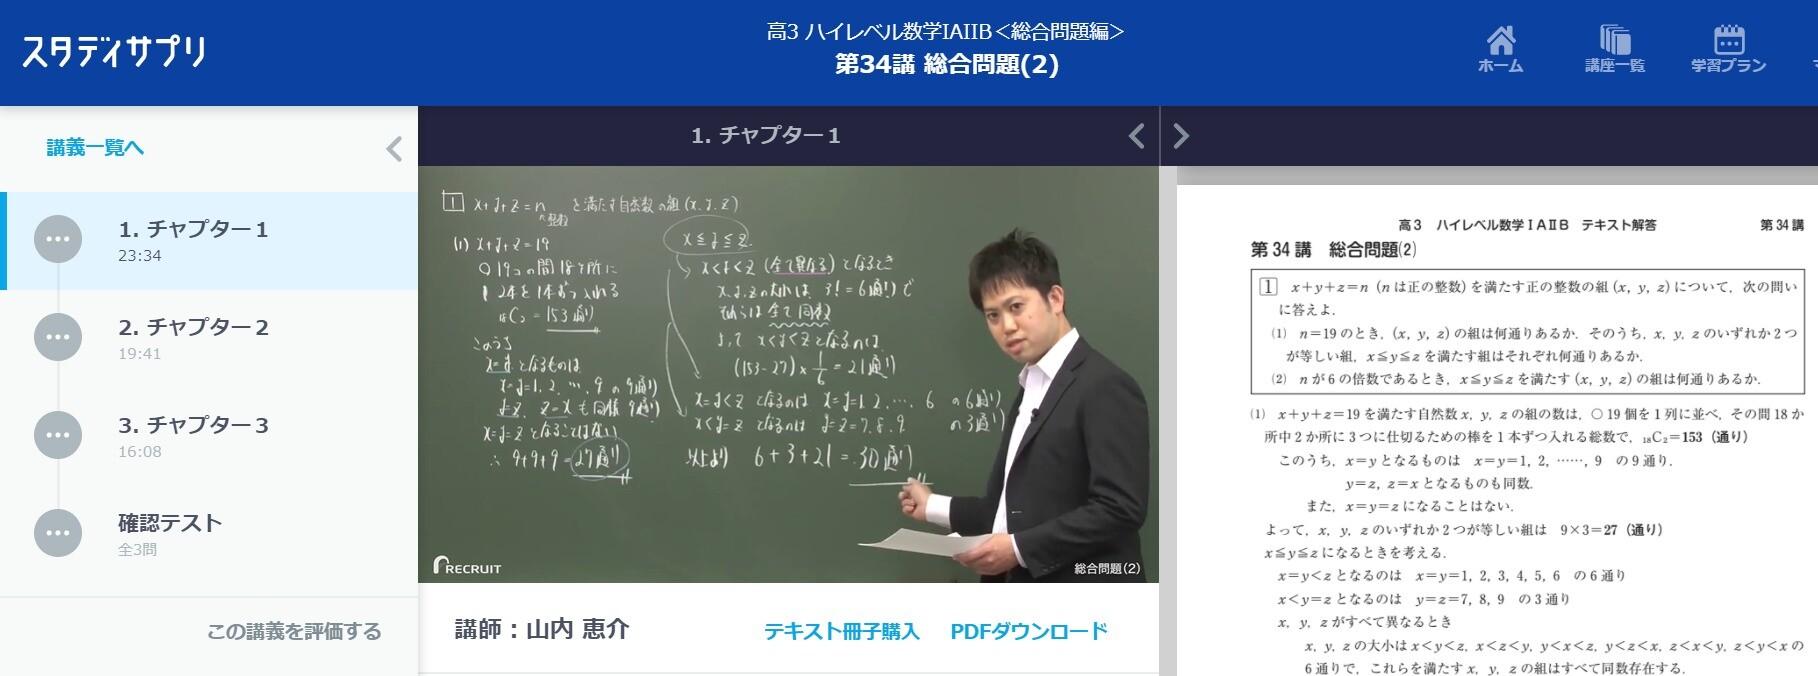 高3ハイレベル数学IAIIB<総合問題編>の講義